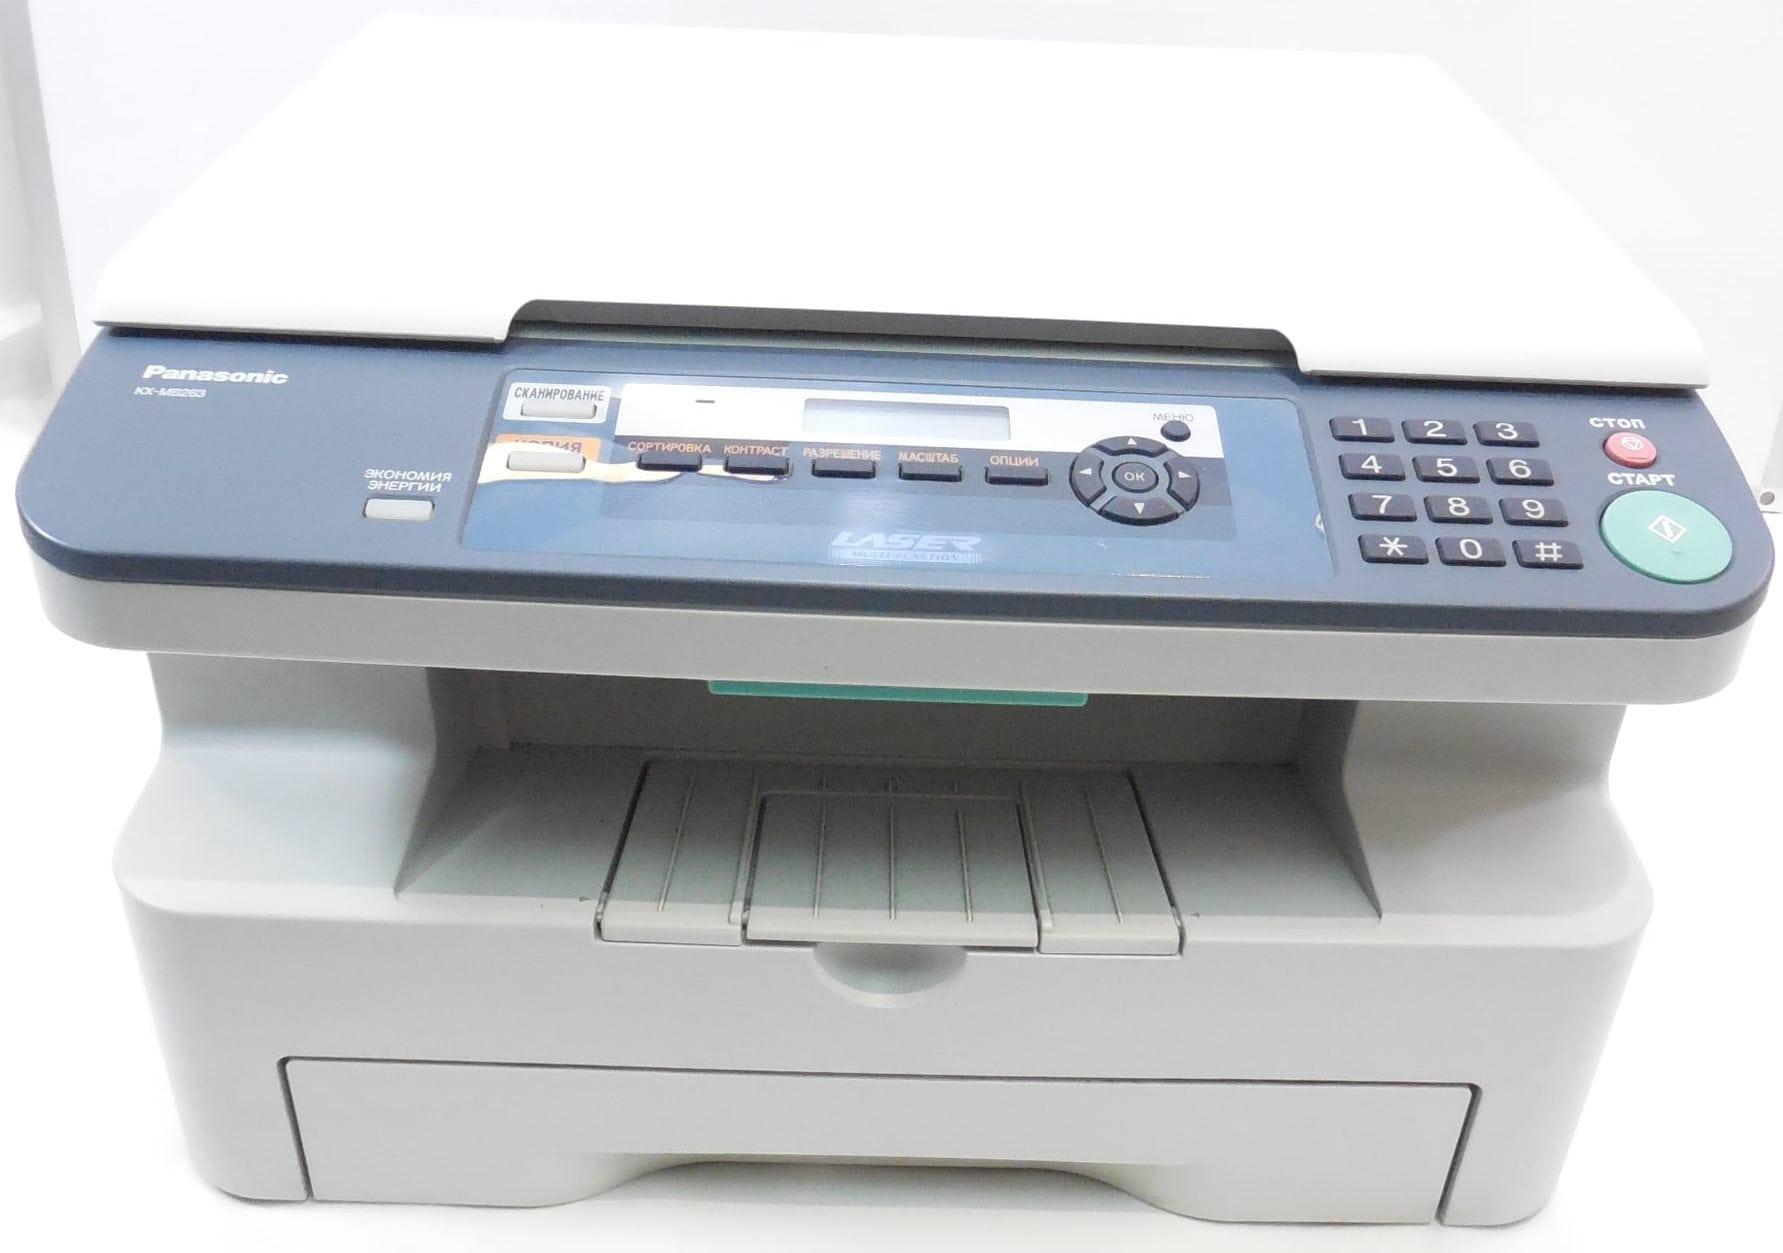 Скачать драйвера для принтера panasonic kx-mb263.